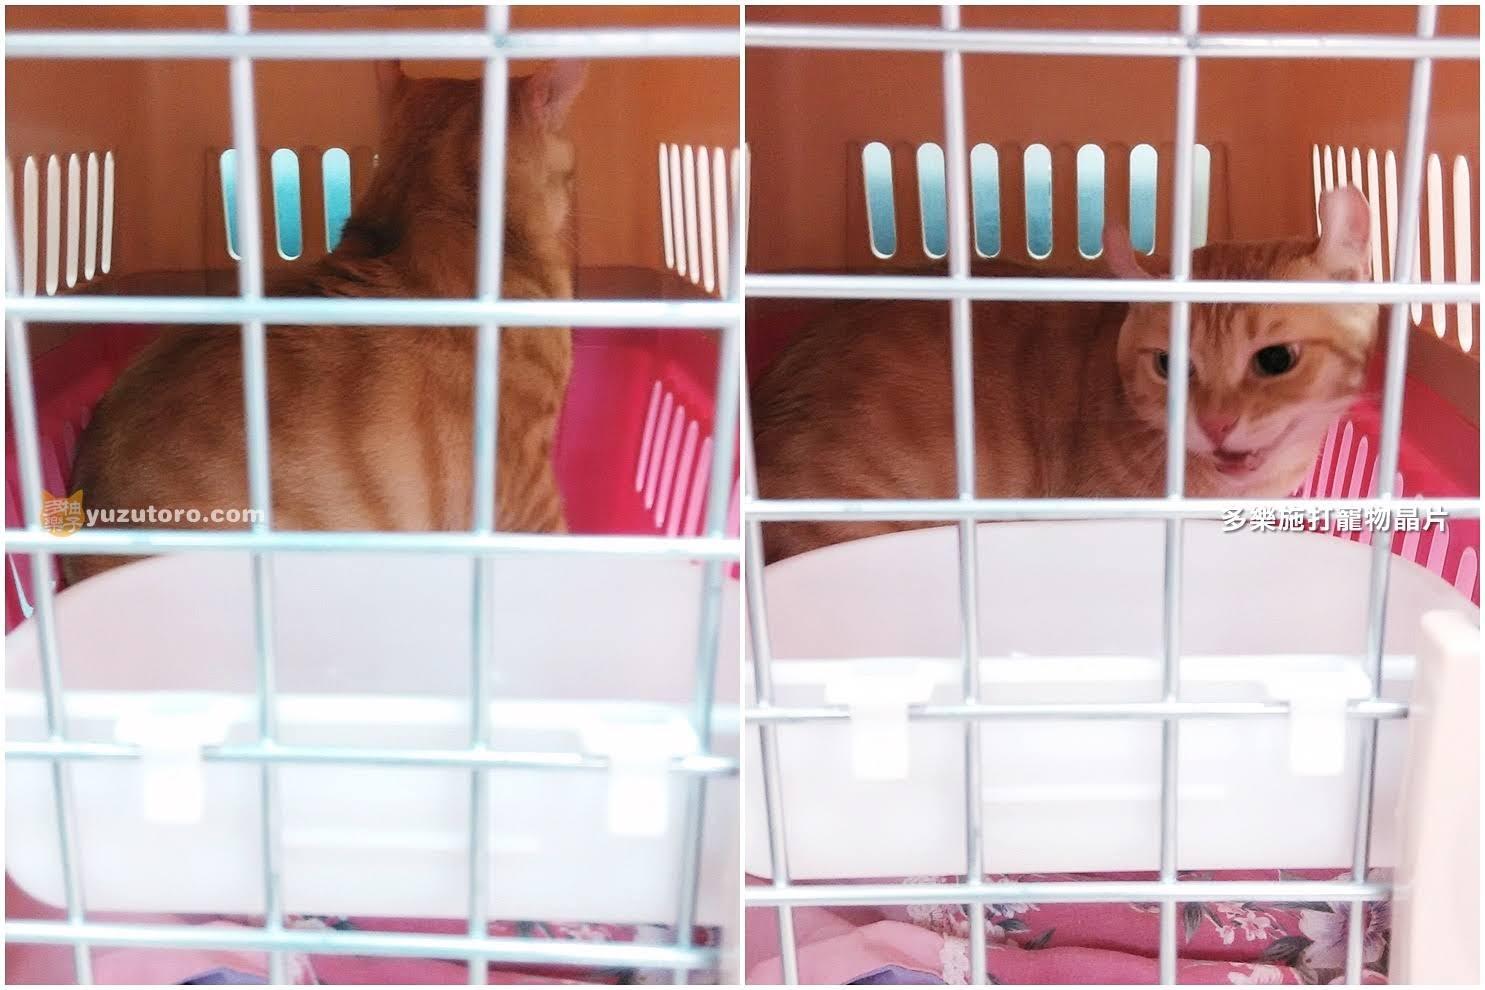 【肉球記事】給多樂貓施打三合一疫苗。外加寵物登記、植入晶片